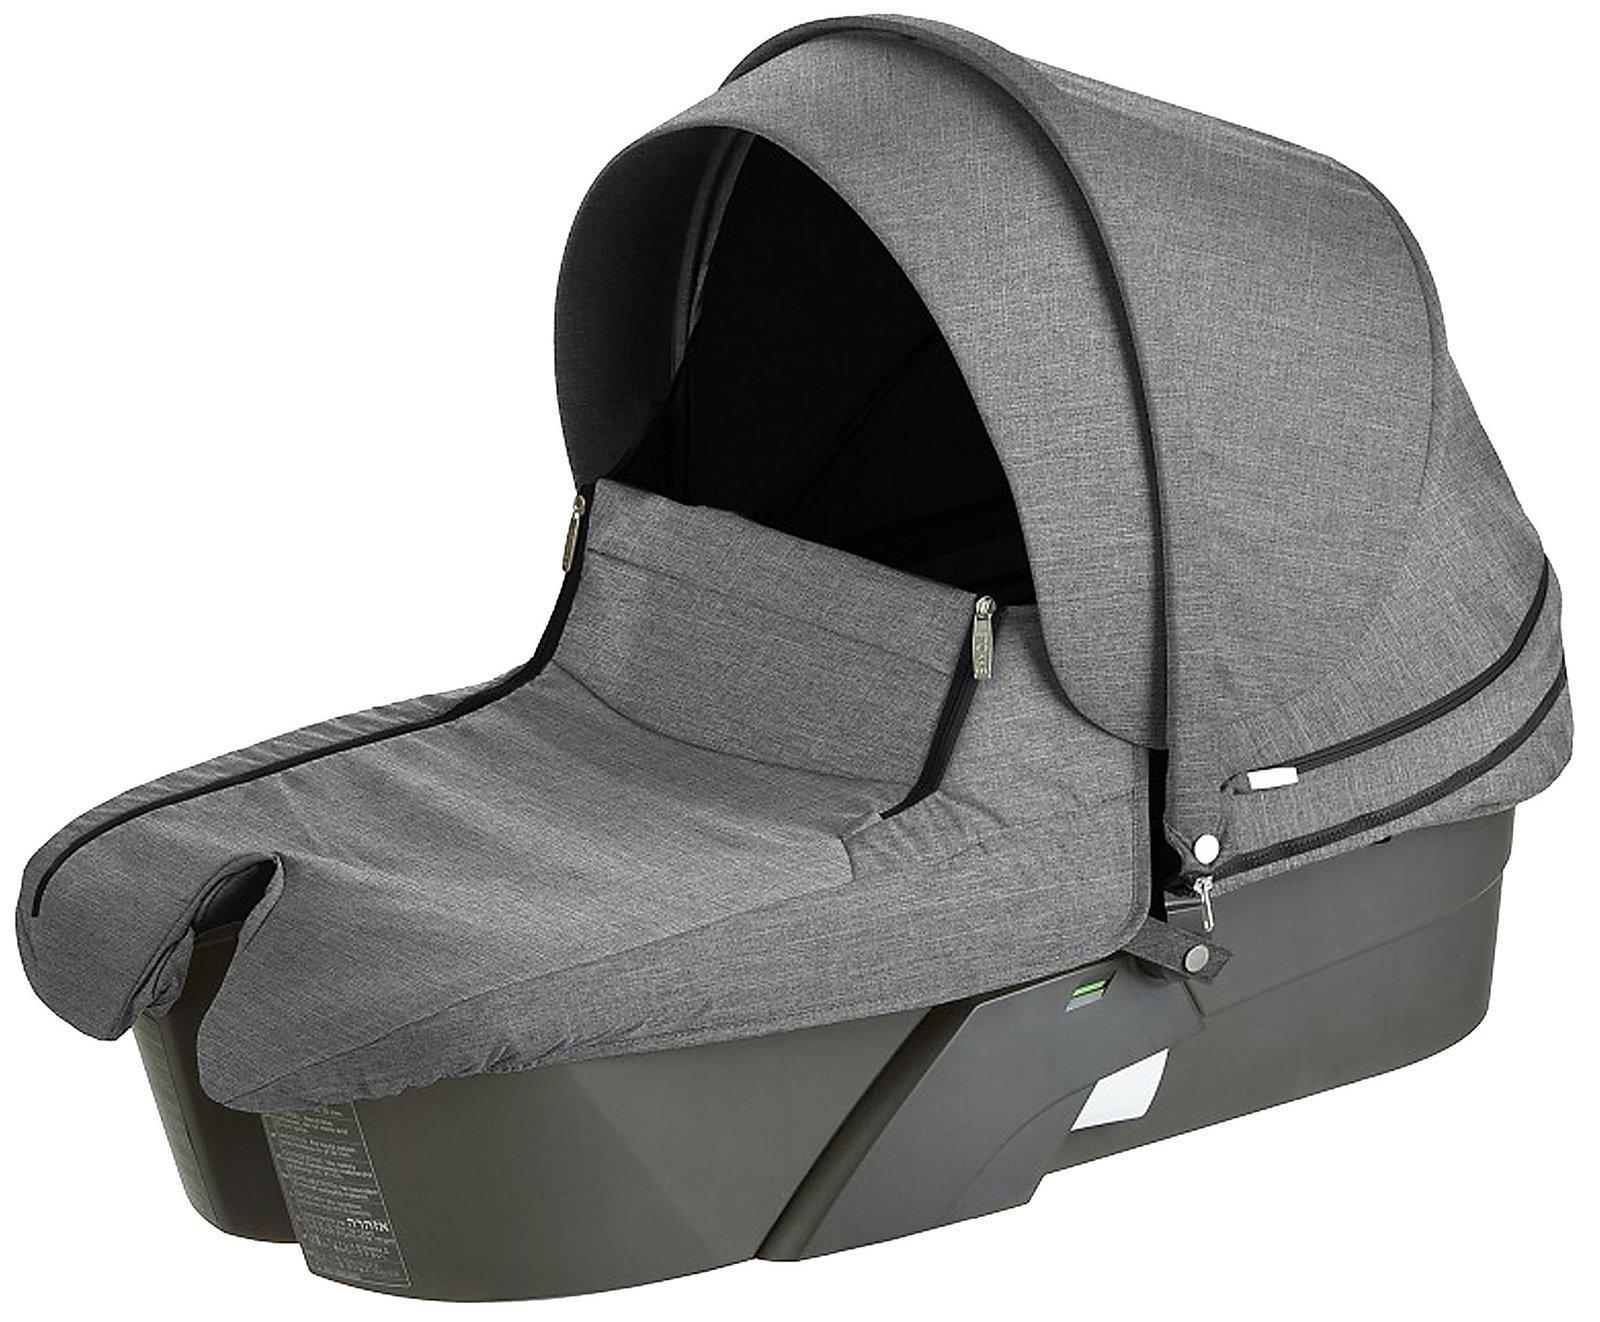 Stokke Xplory Carry Cot Complete, Black Melange